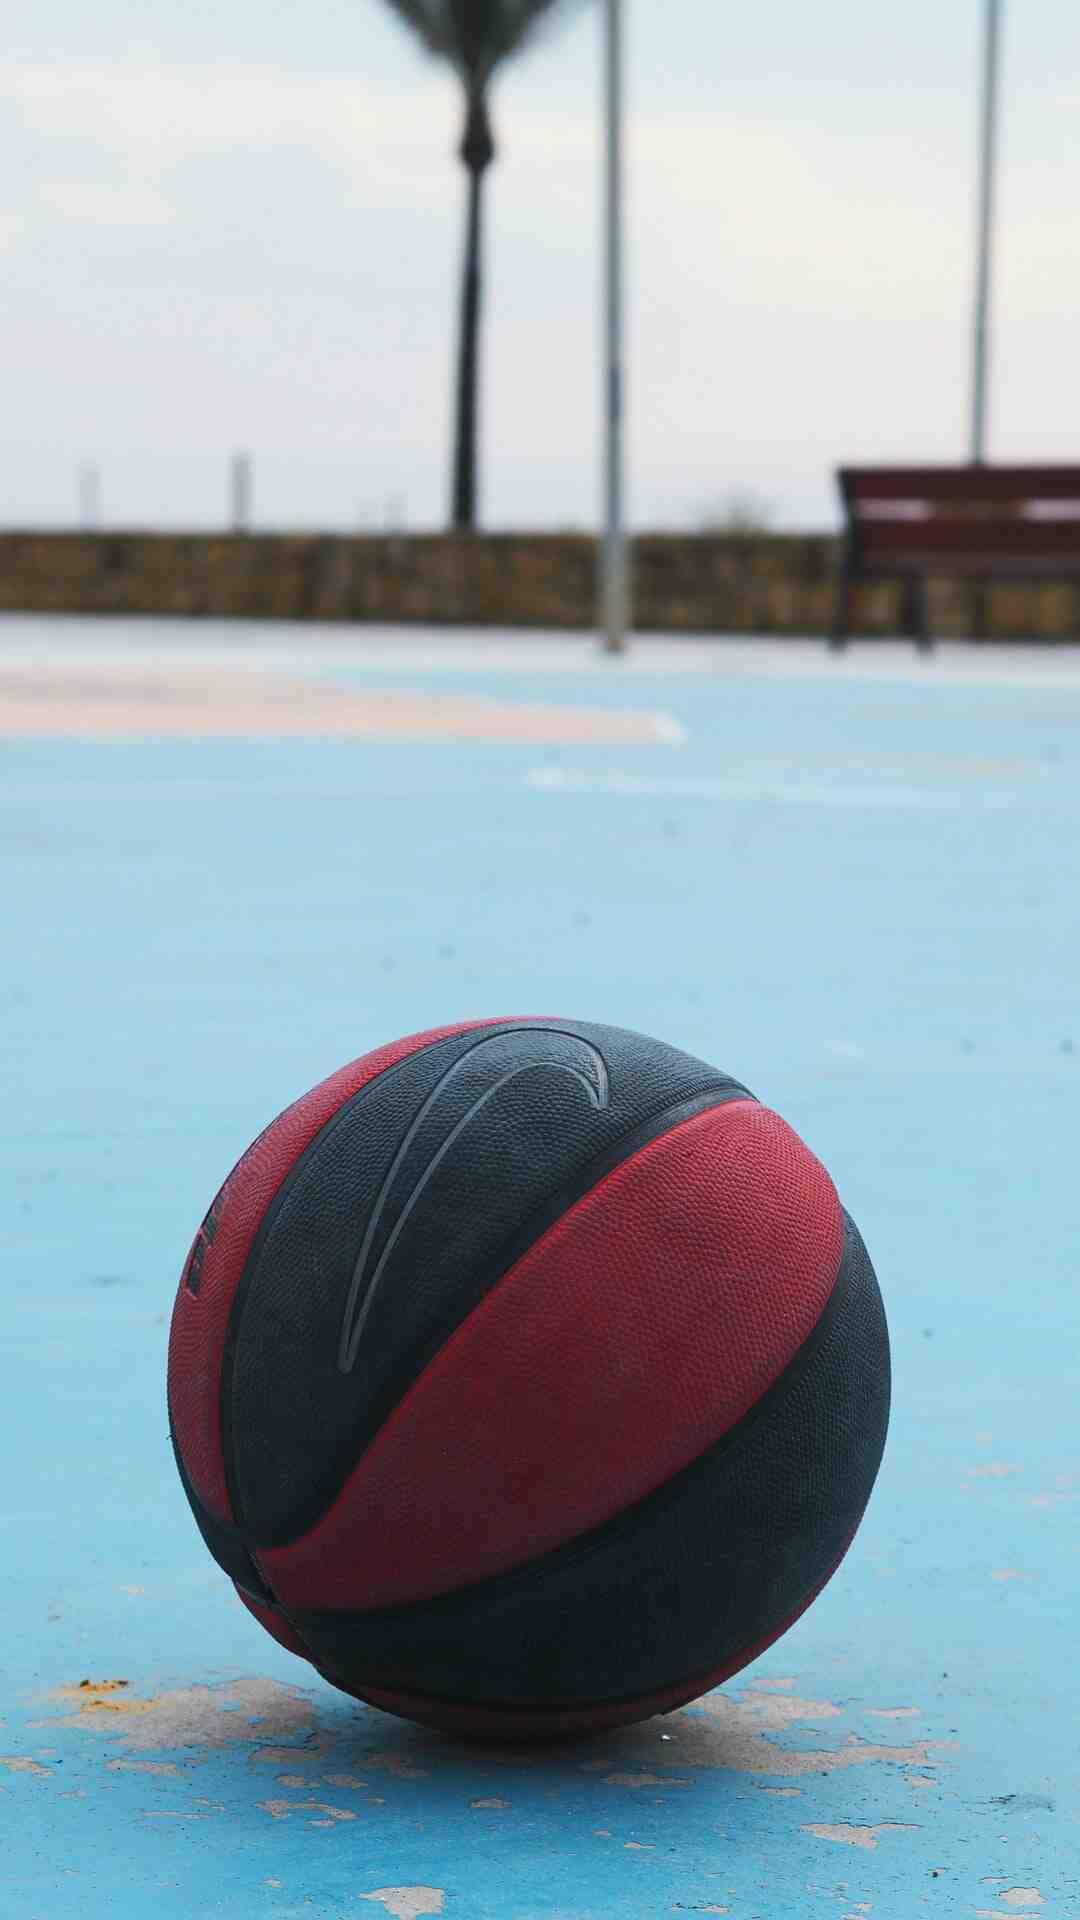 Comment faire des dribbles au basket ?